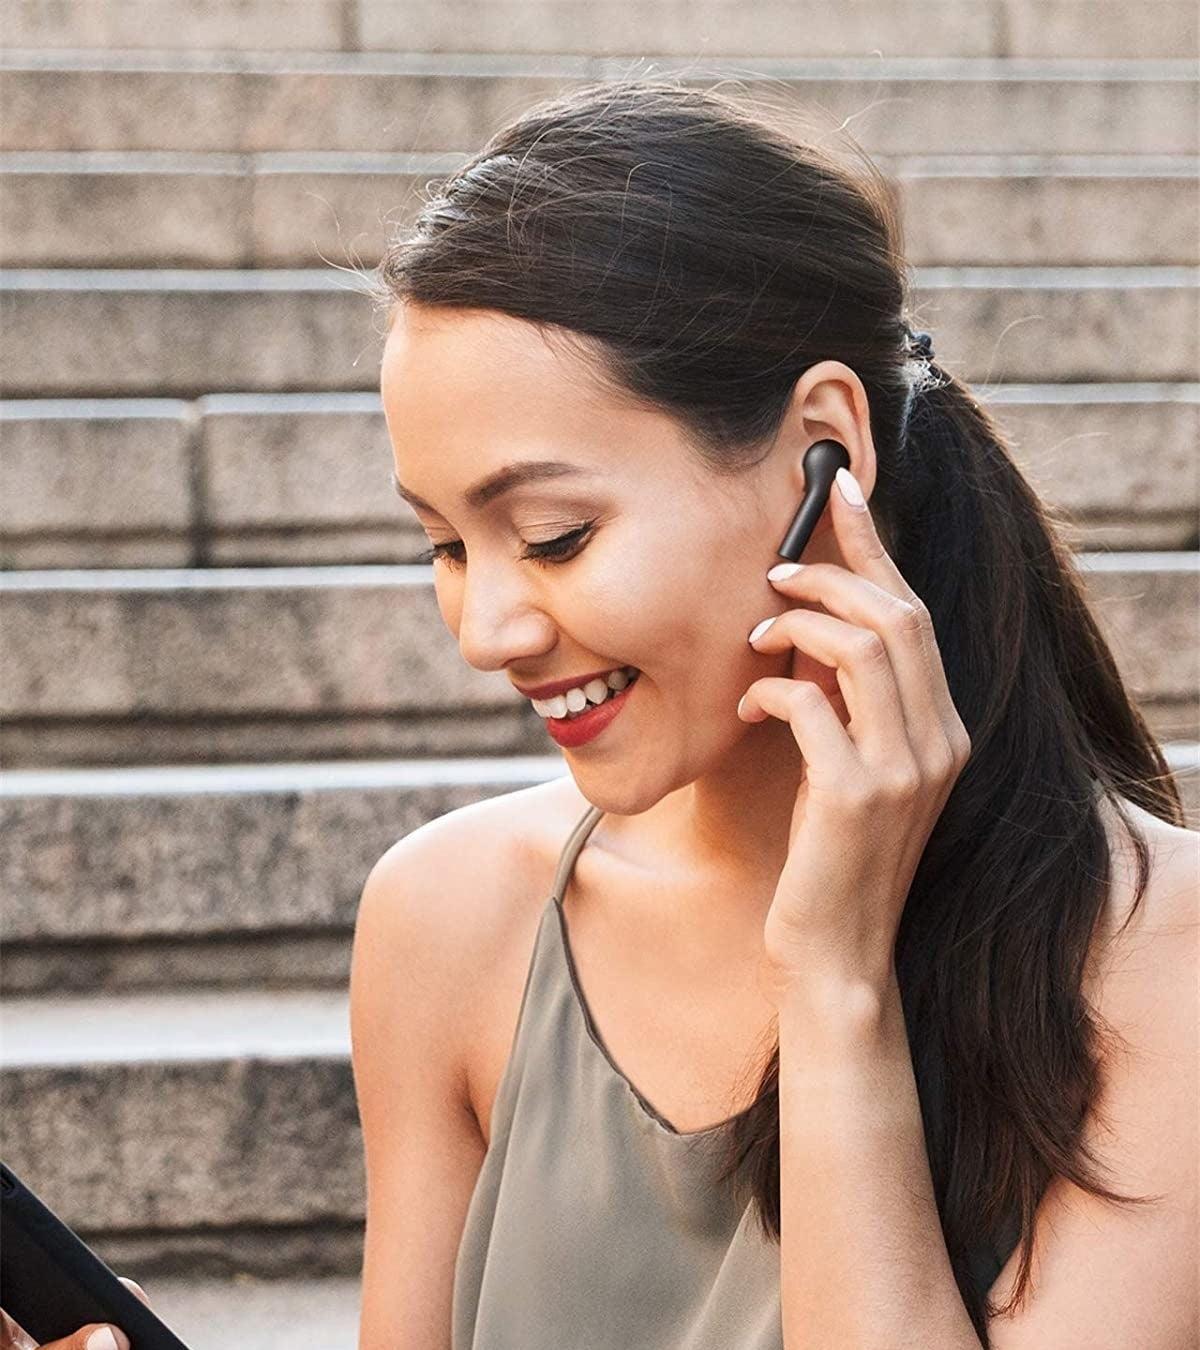 Model touching wireless earbud in left ear